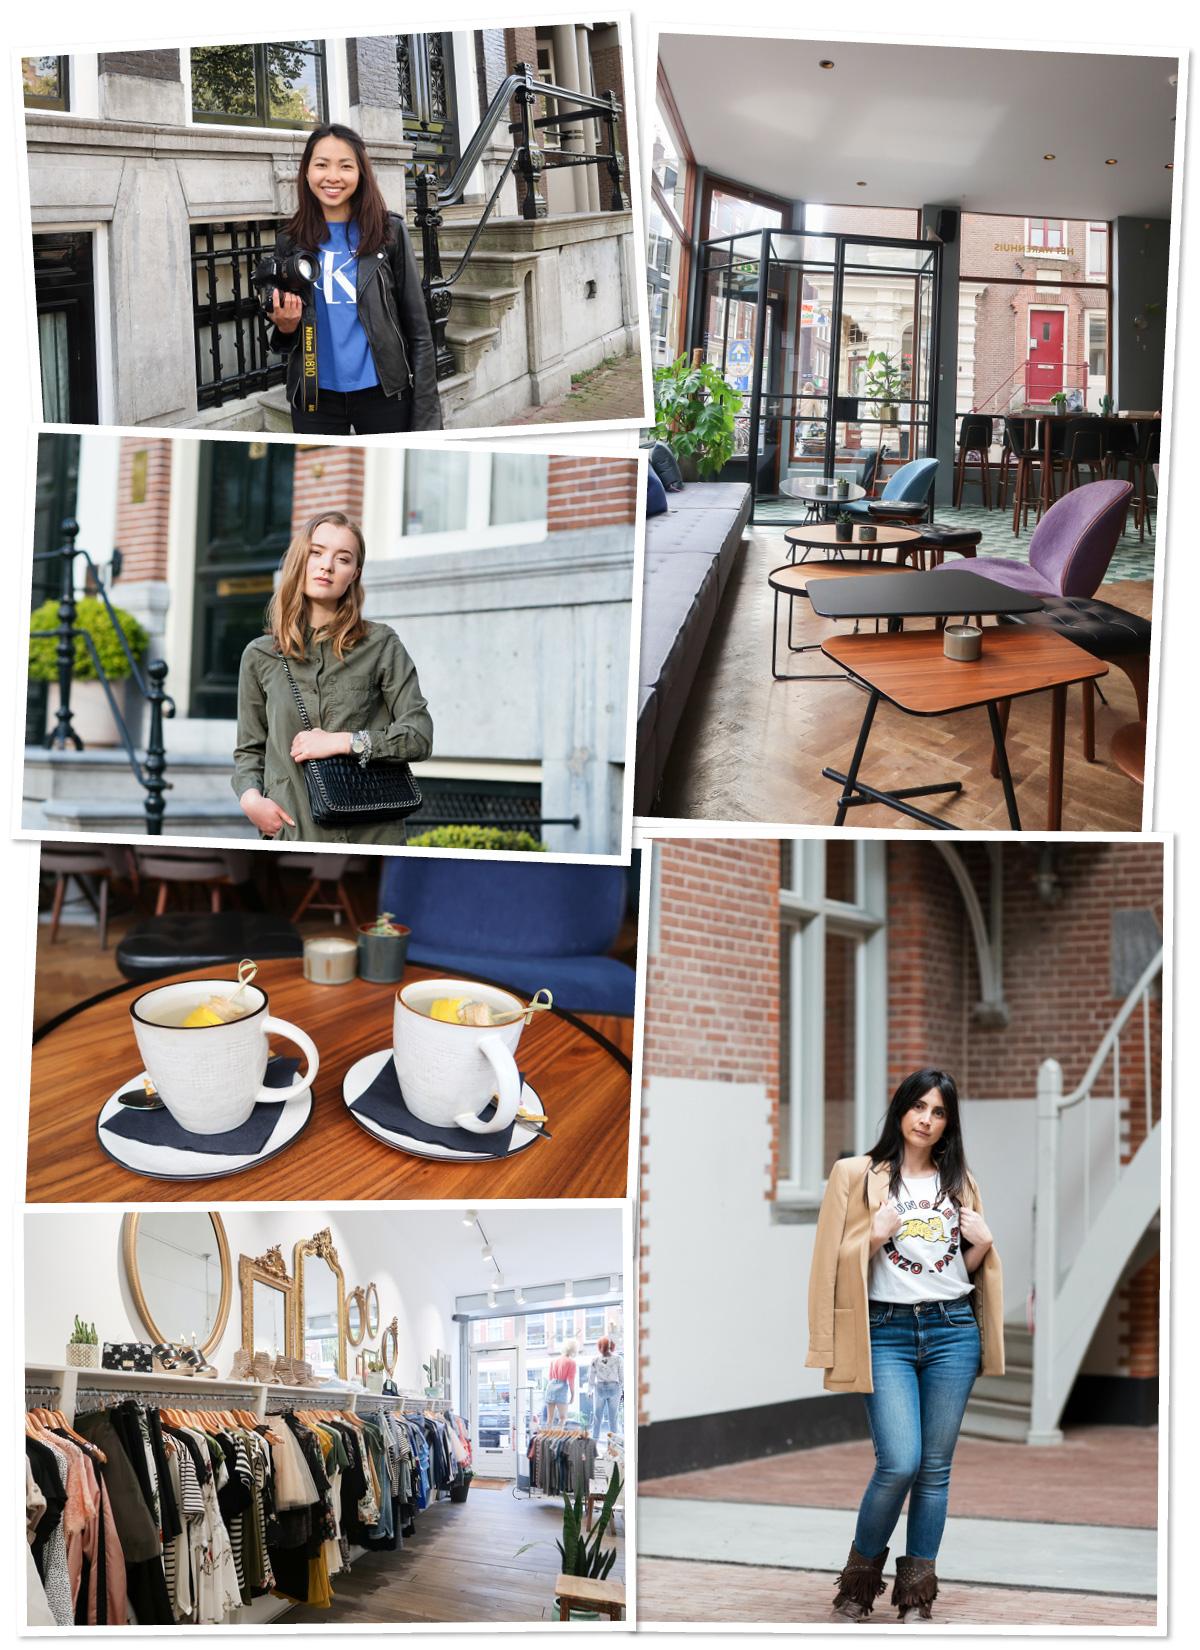 Fotoshoot, Amsterdam, De Hallen, Gesponnen Suiker